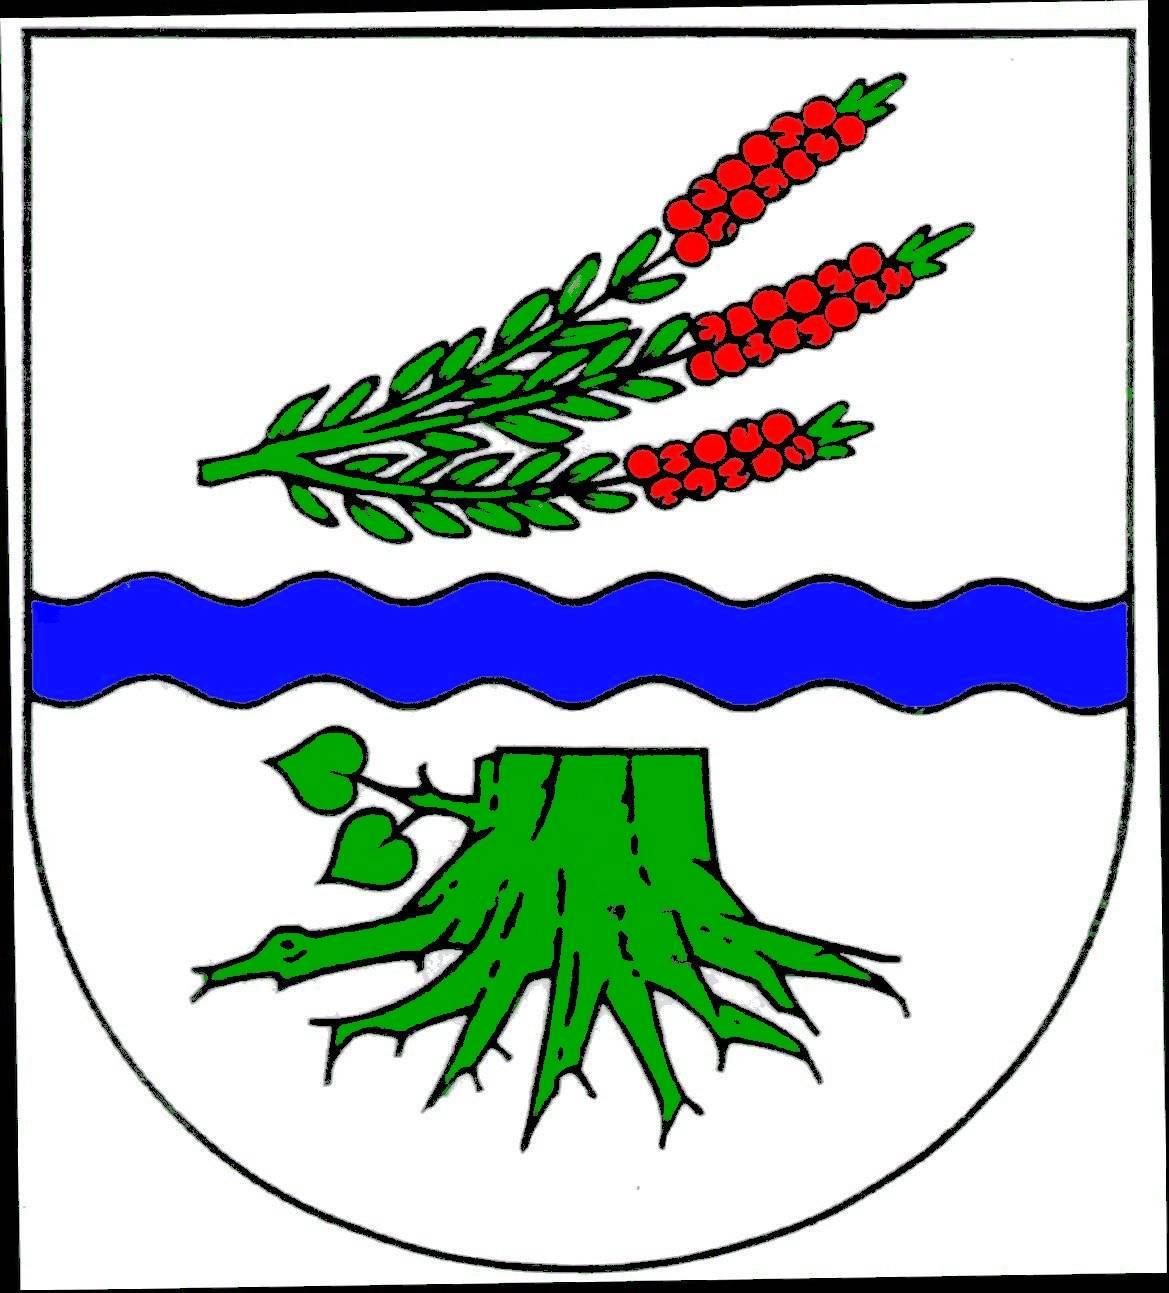 Wappen GemeindeHeidekamp, Kreis Stormarn